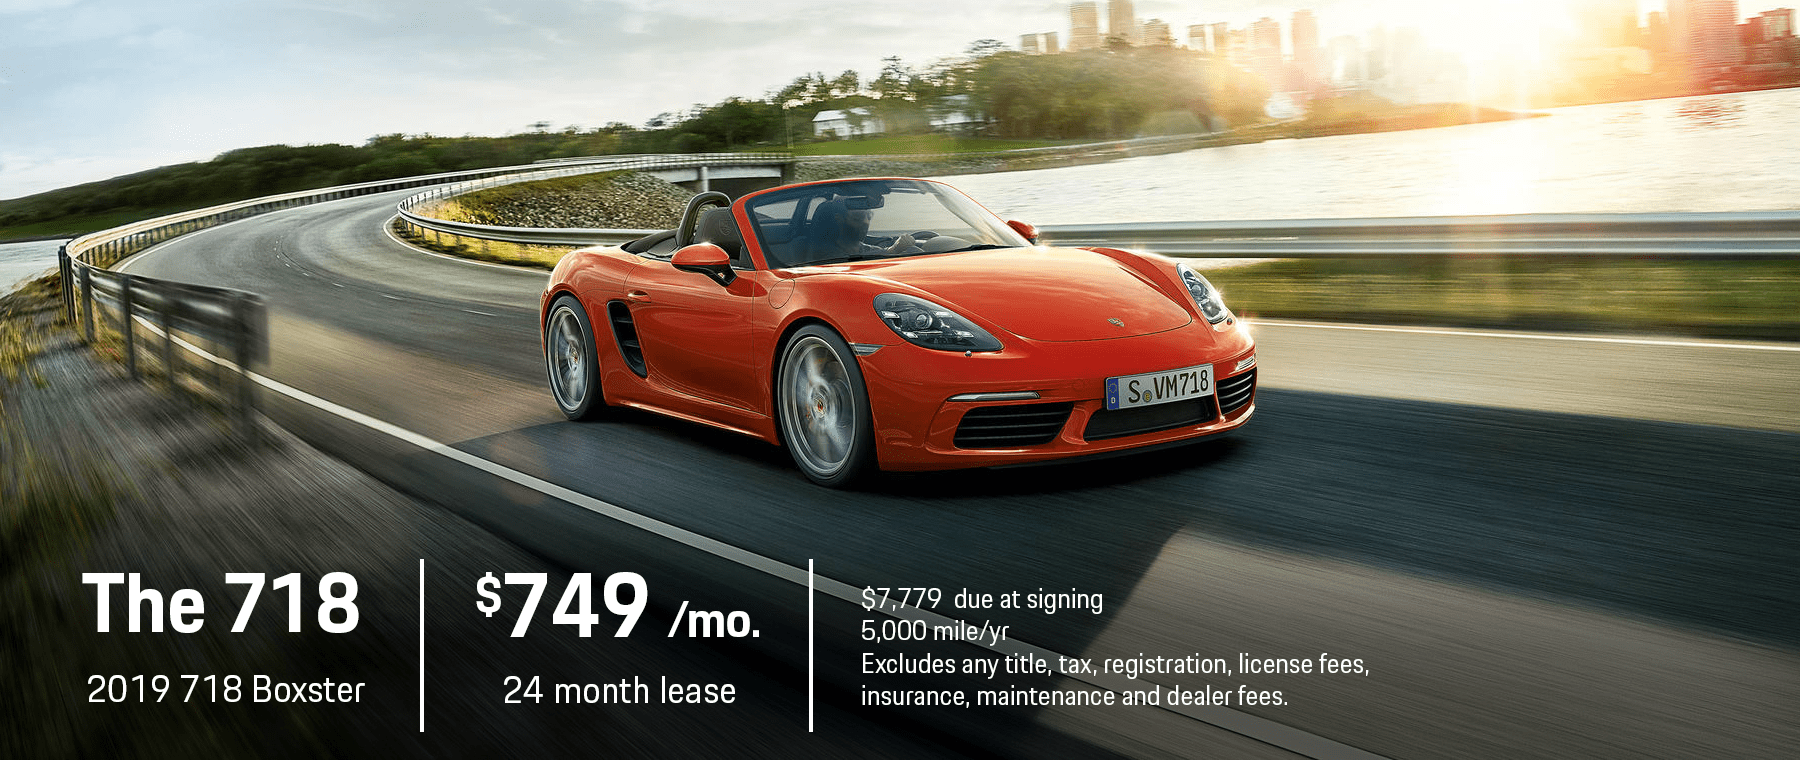 Welcome to Porsche of South Shore | Your Porsche Dealer in NY